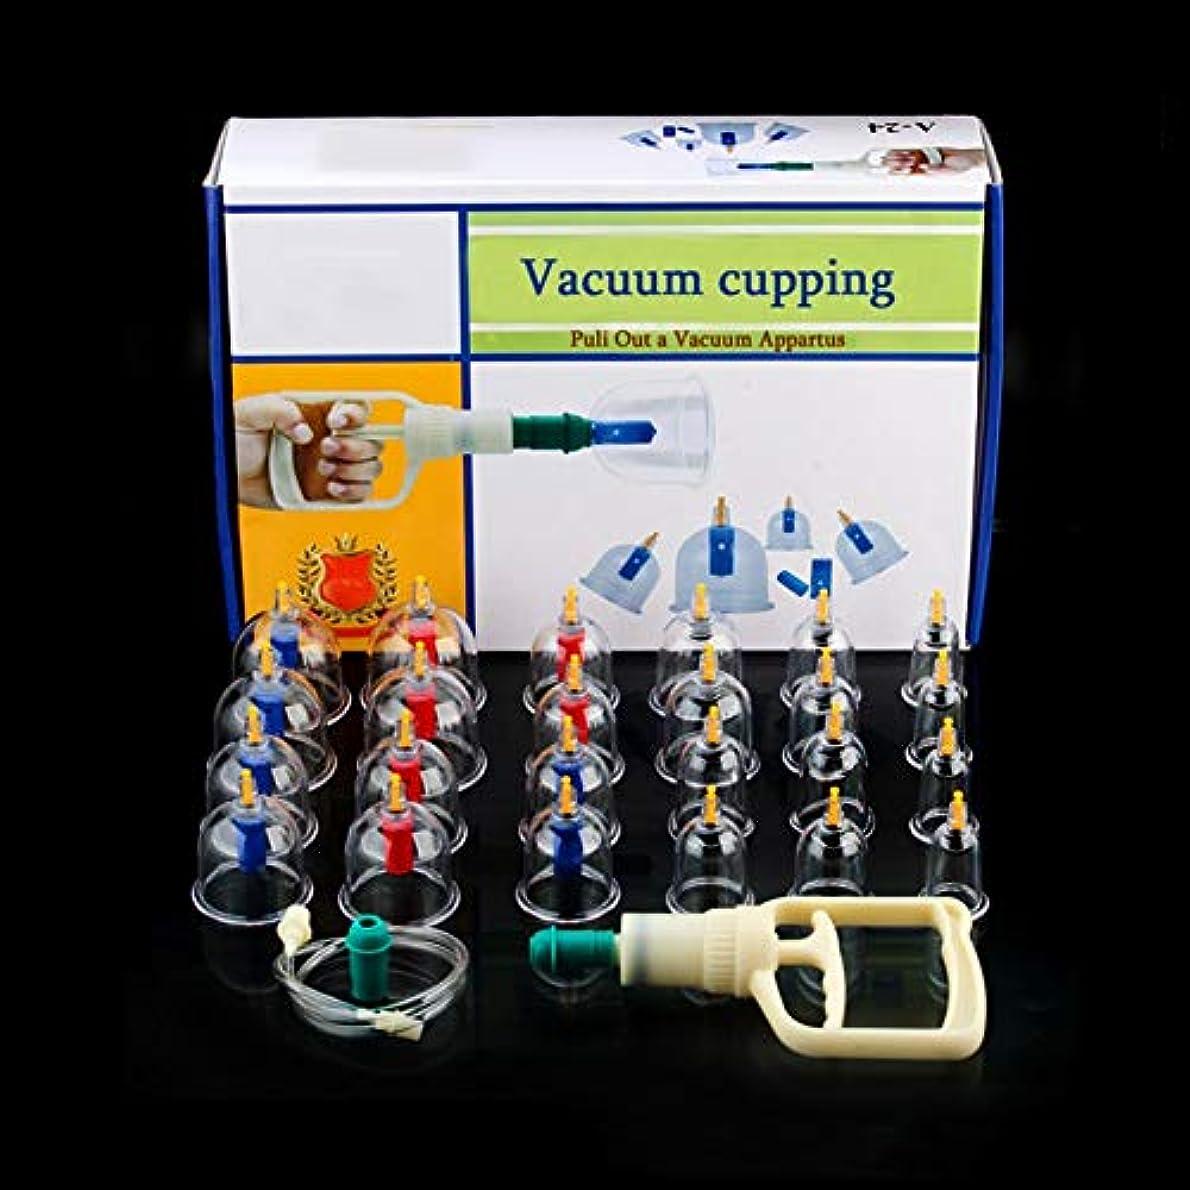 取り戻す昨日説得カッピング セット プハン治療 カッピングポンプ 吸引器カッピング用カップ、シリコン、筋肉、関節痛、セルライト用真空吸引(24pcs)